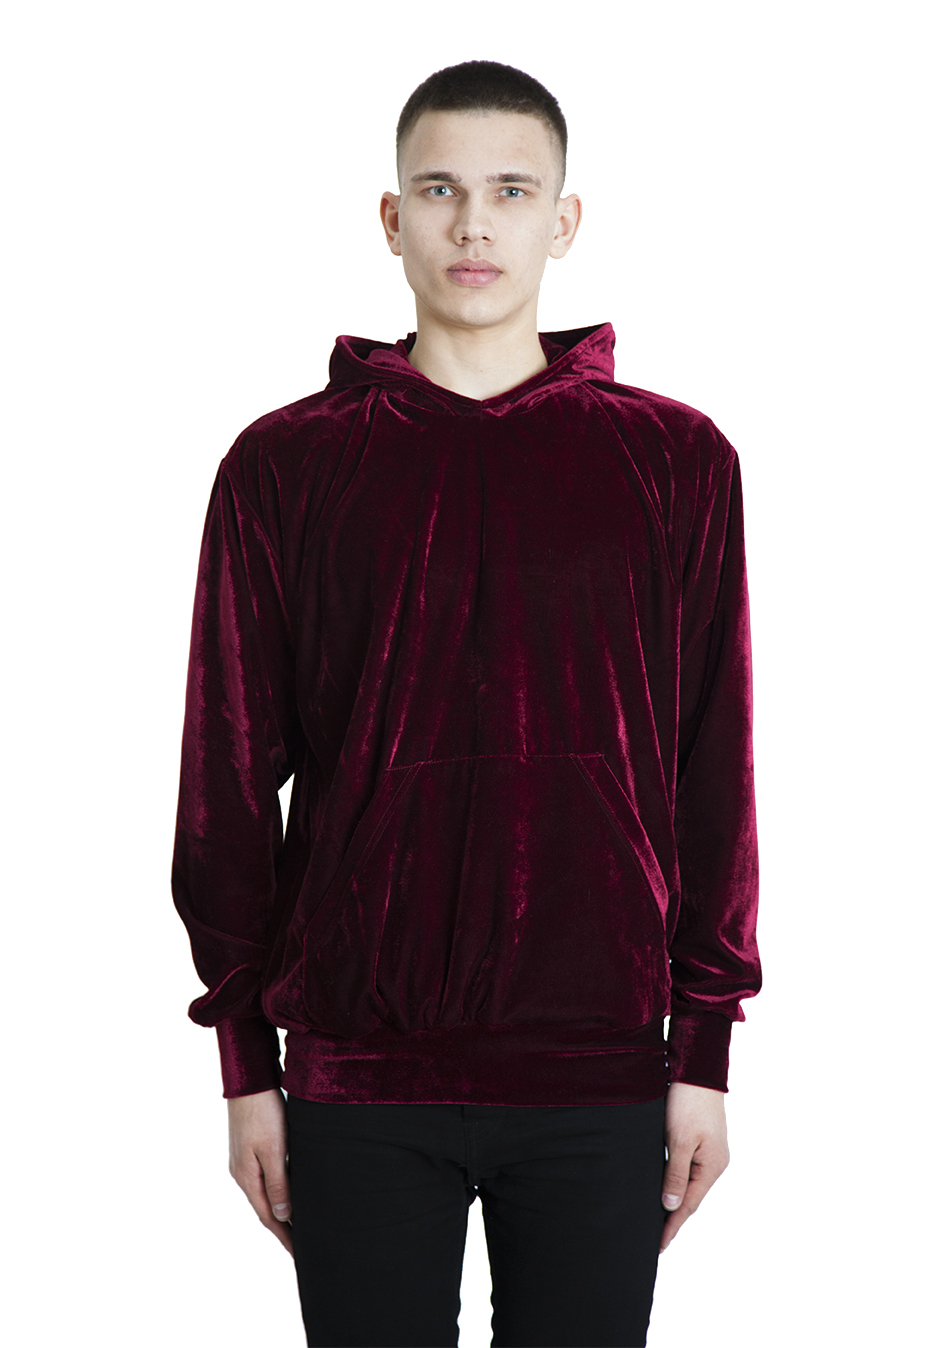 Burgandy hoodie